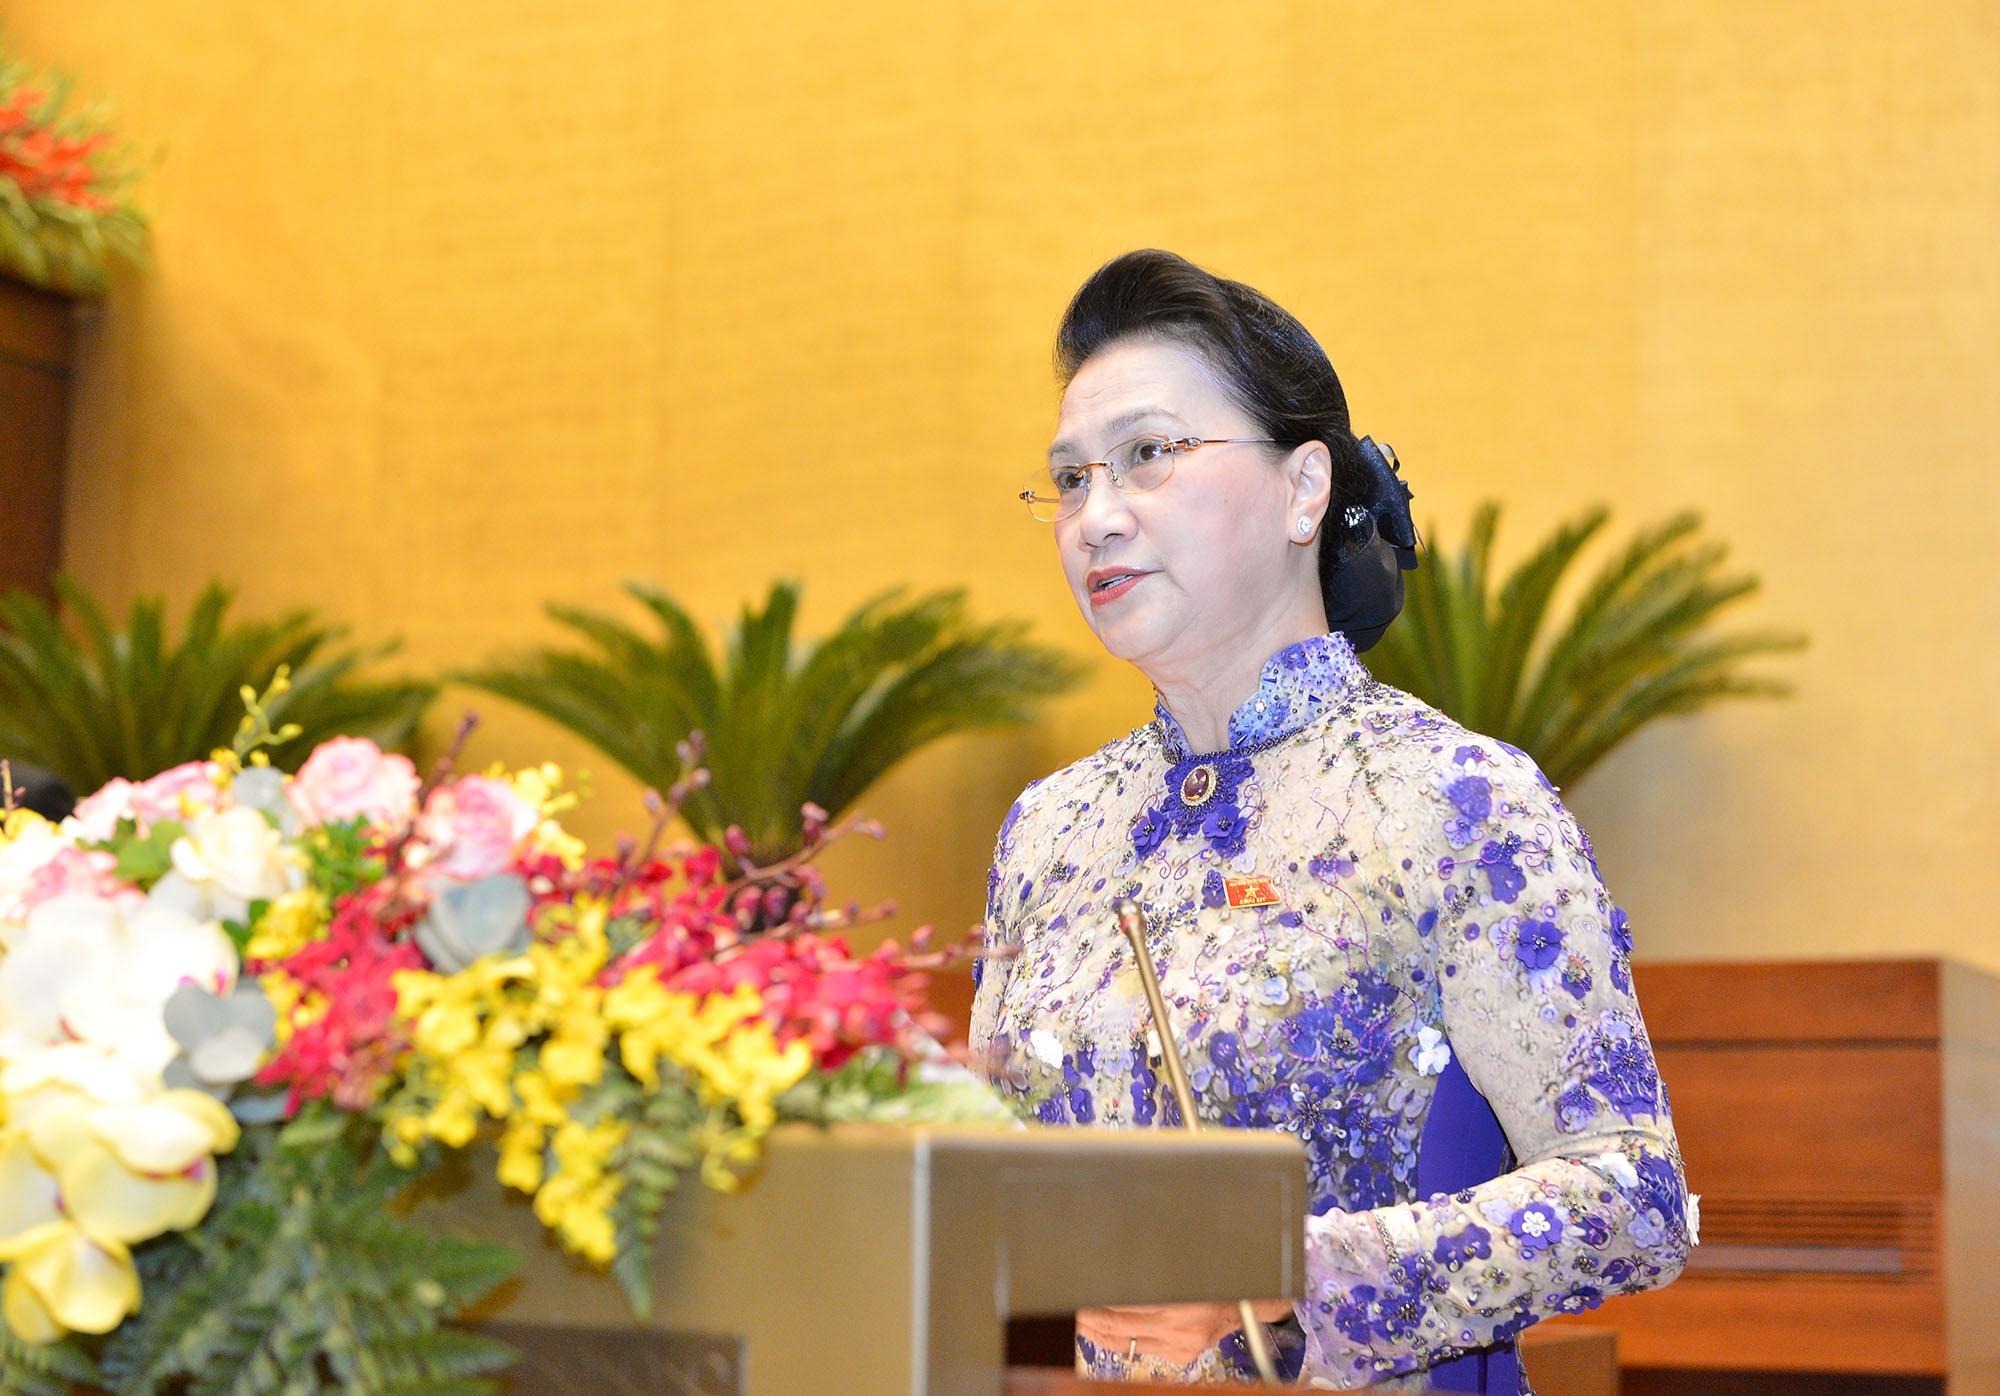 Chủ tịch Quốc hội Nguyễn Thị Kim Ngân phát biểu khai mạc Kỳ họp thứ 11 Quốc hội khóa XIV